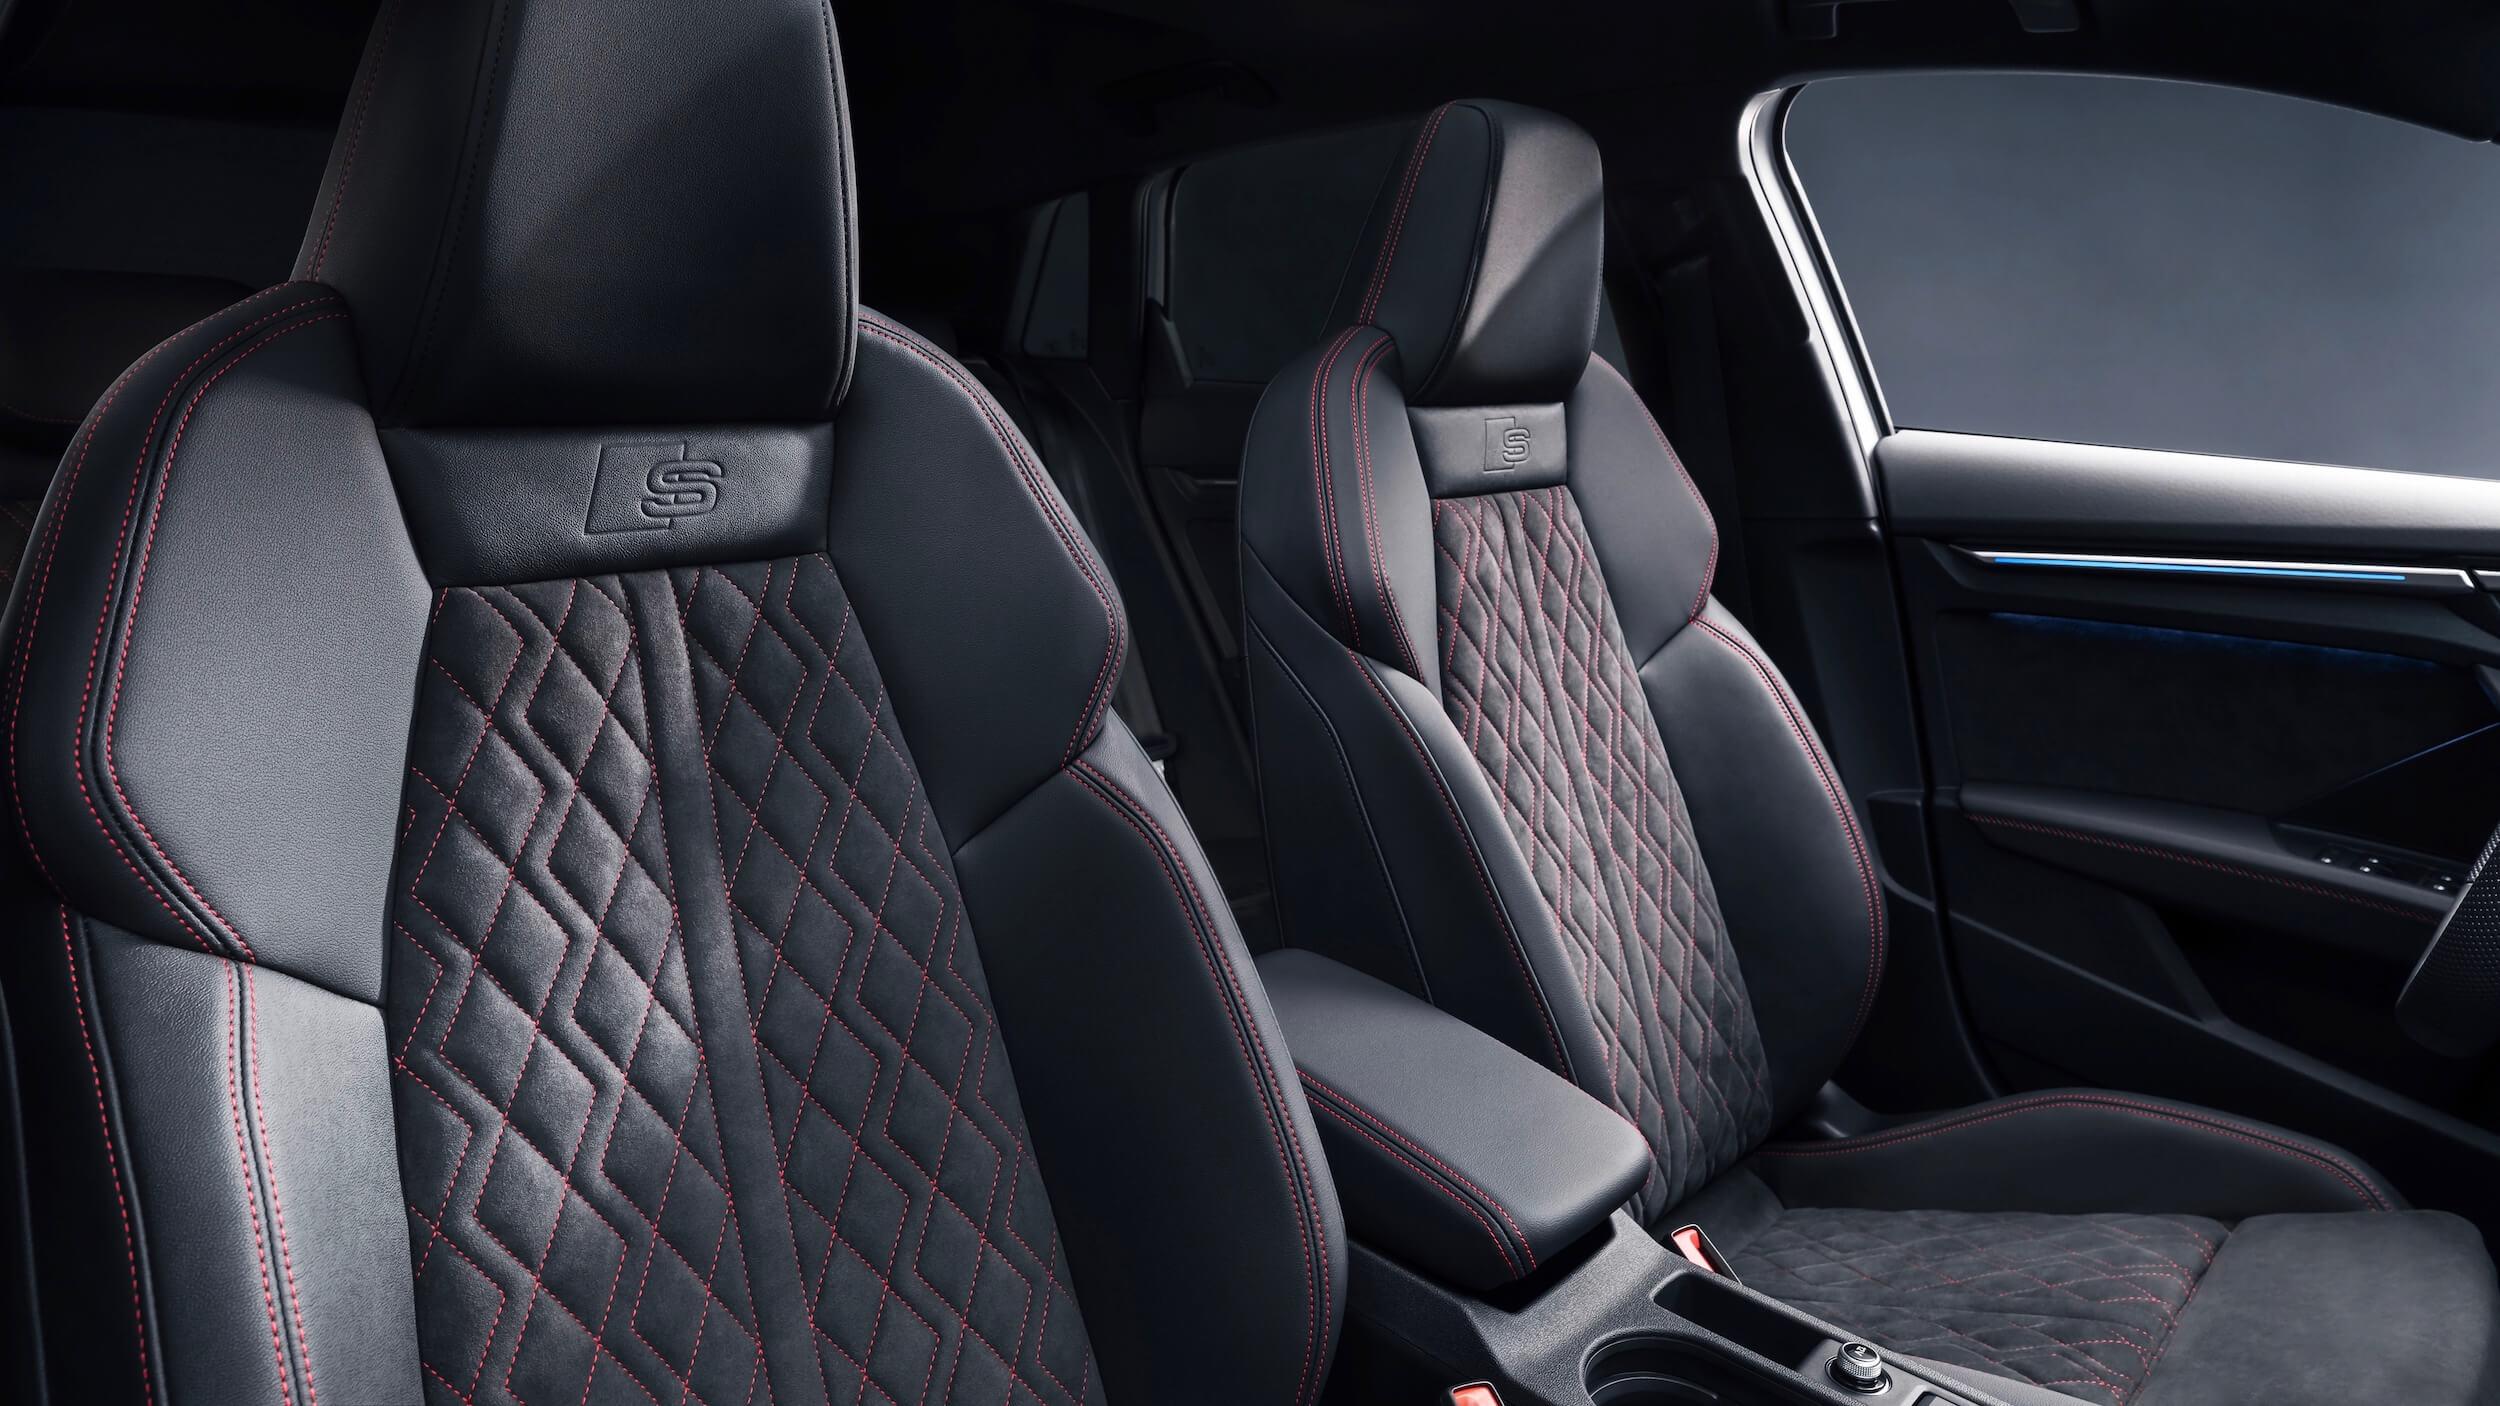 Audi A3 Sportback 45 TFSIe zetels